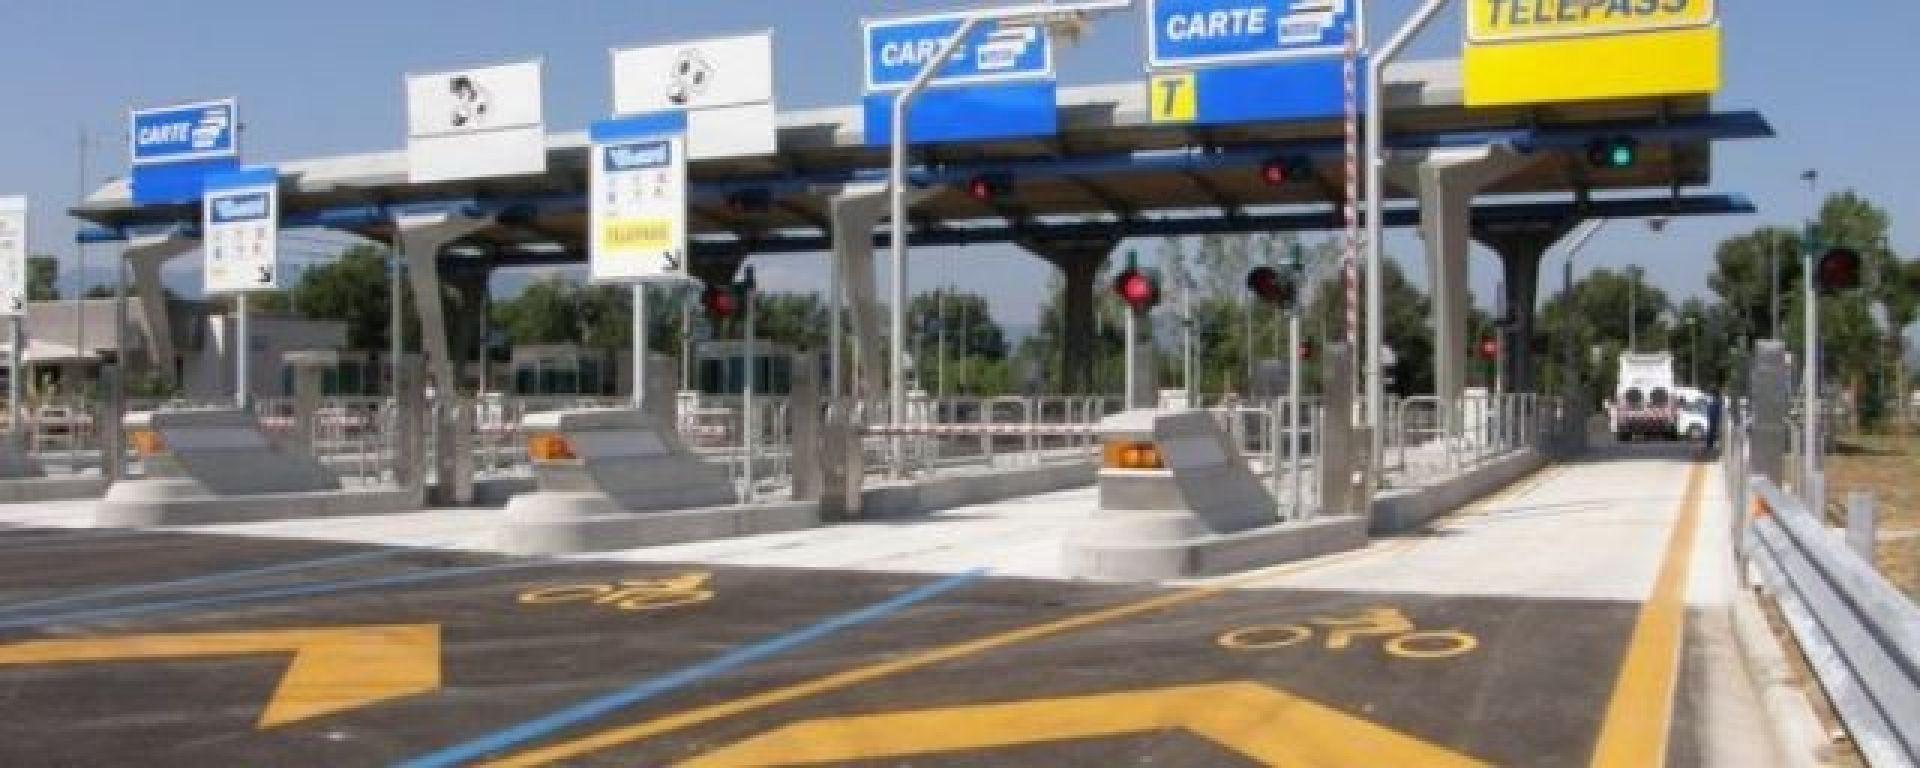 Autostrade: pedaggio scontato del 30% per le moto con telepass